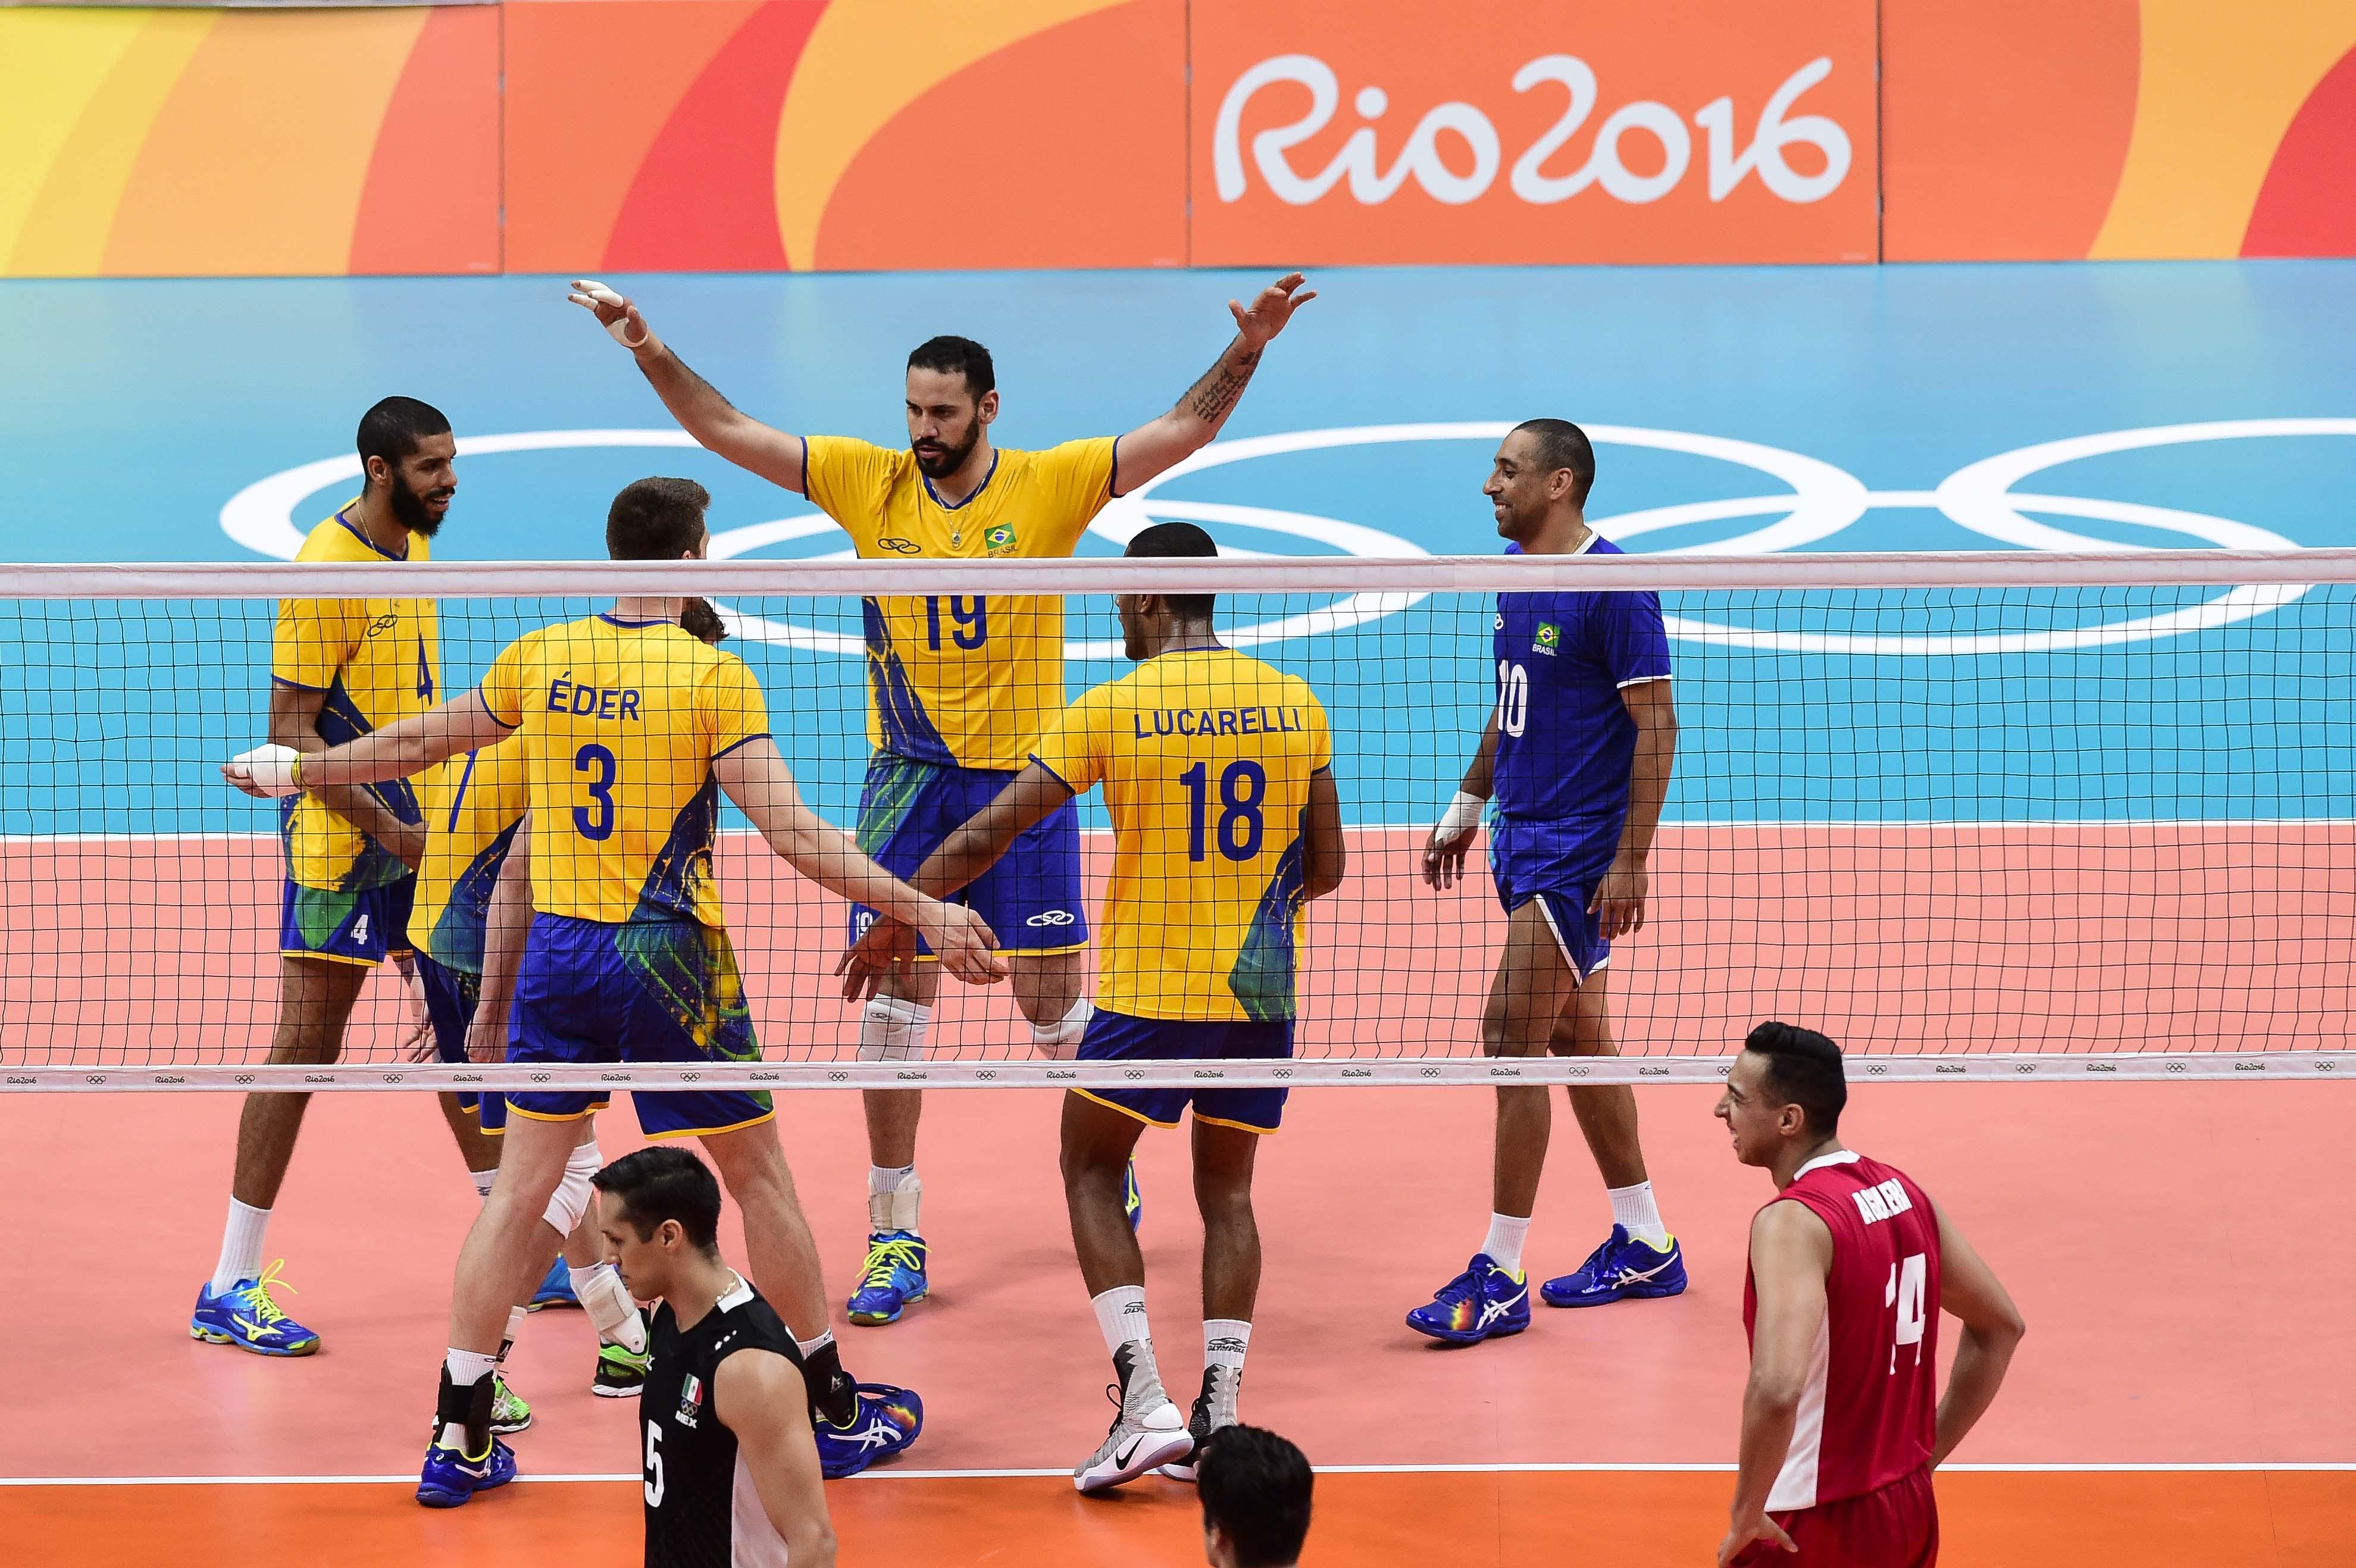 Brasil estreia com vitória no vôlei masculino